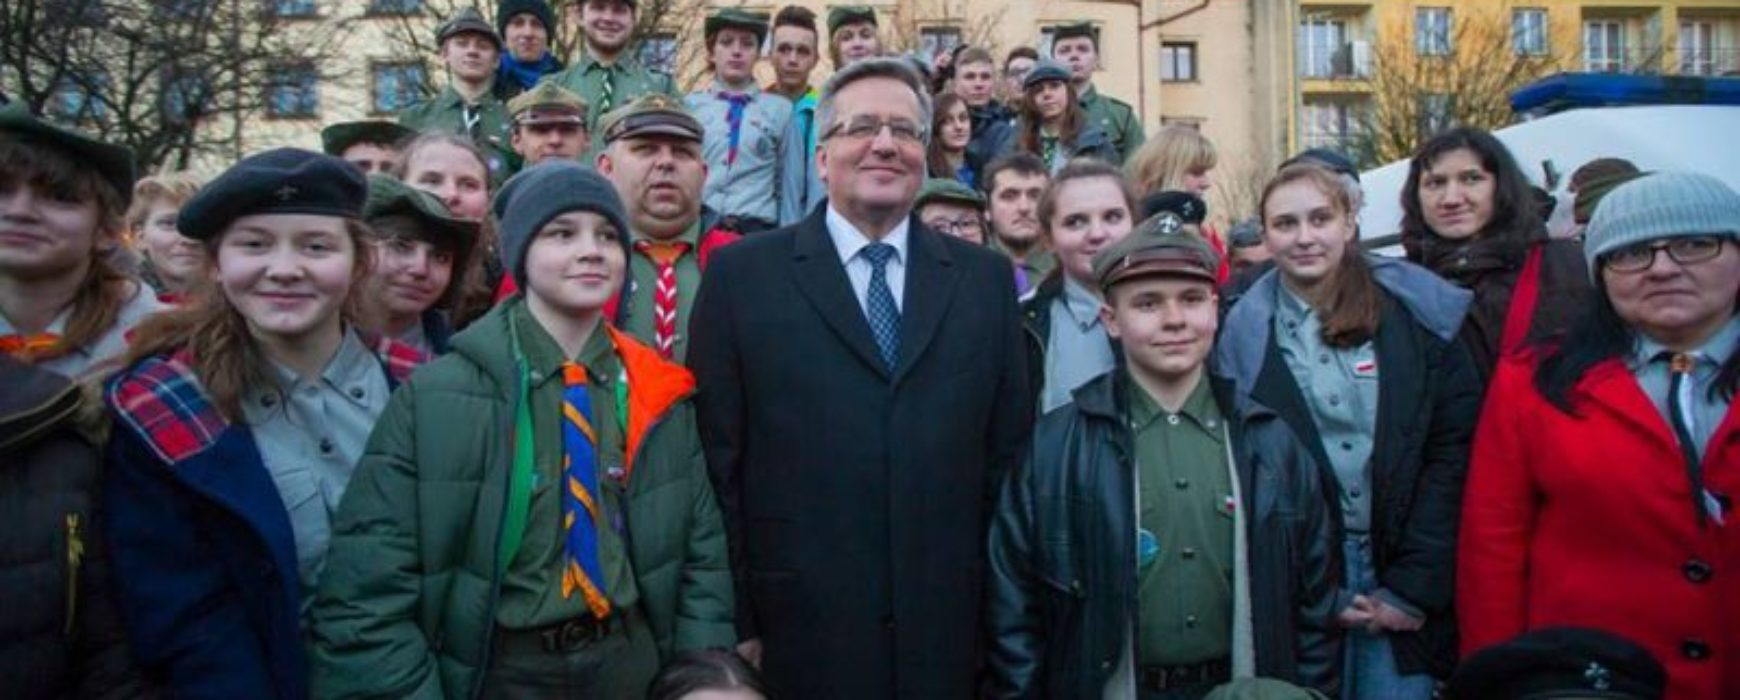 Spotkanie Ostrowieckich harcerzy z Prezydentem RP